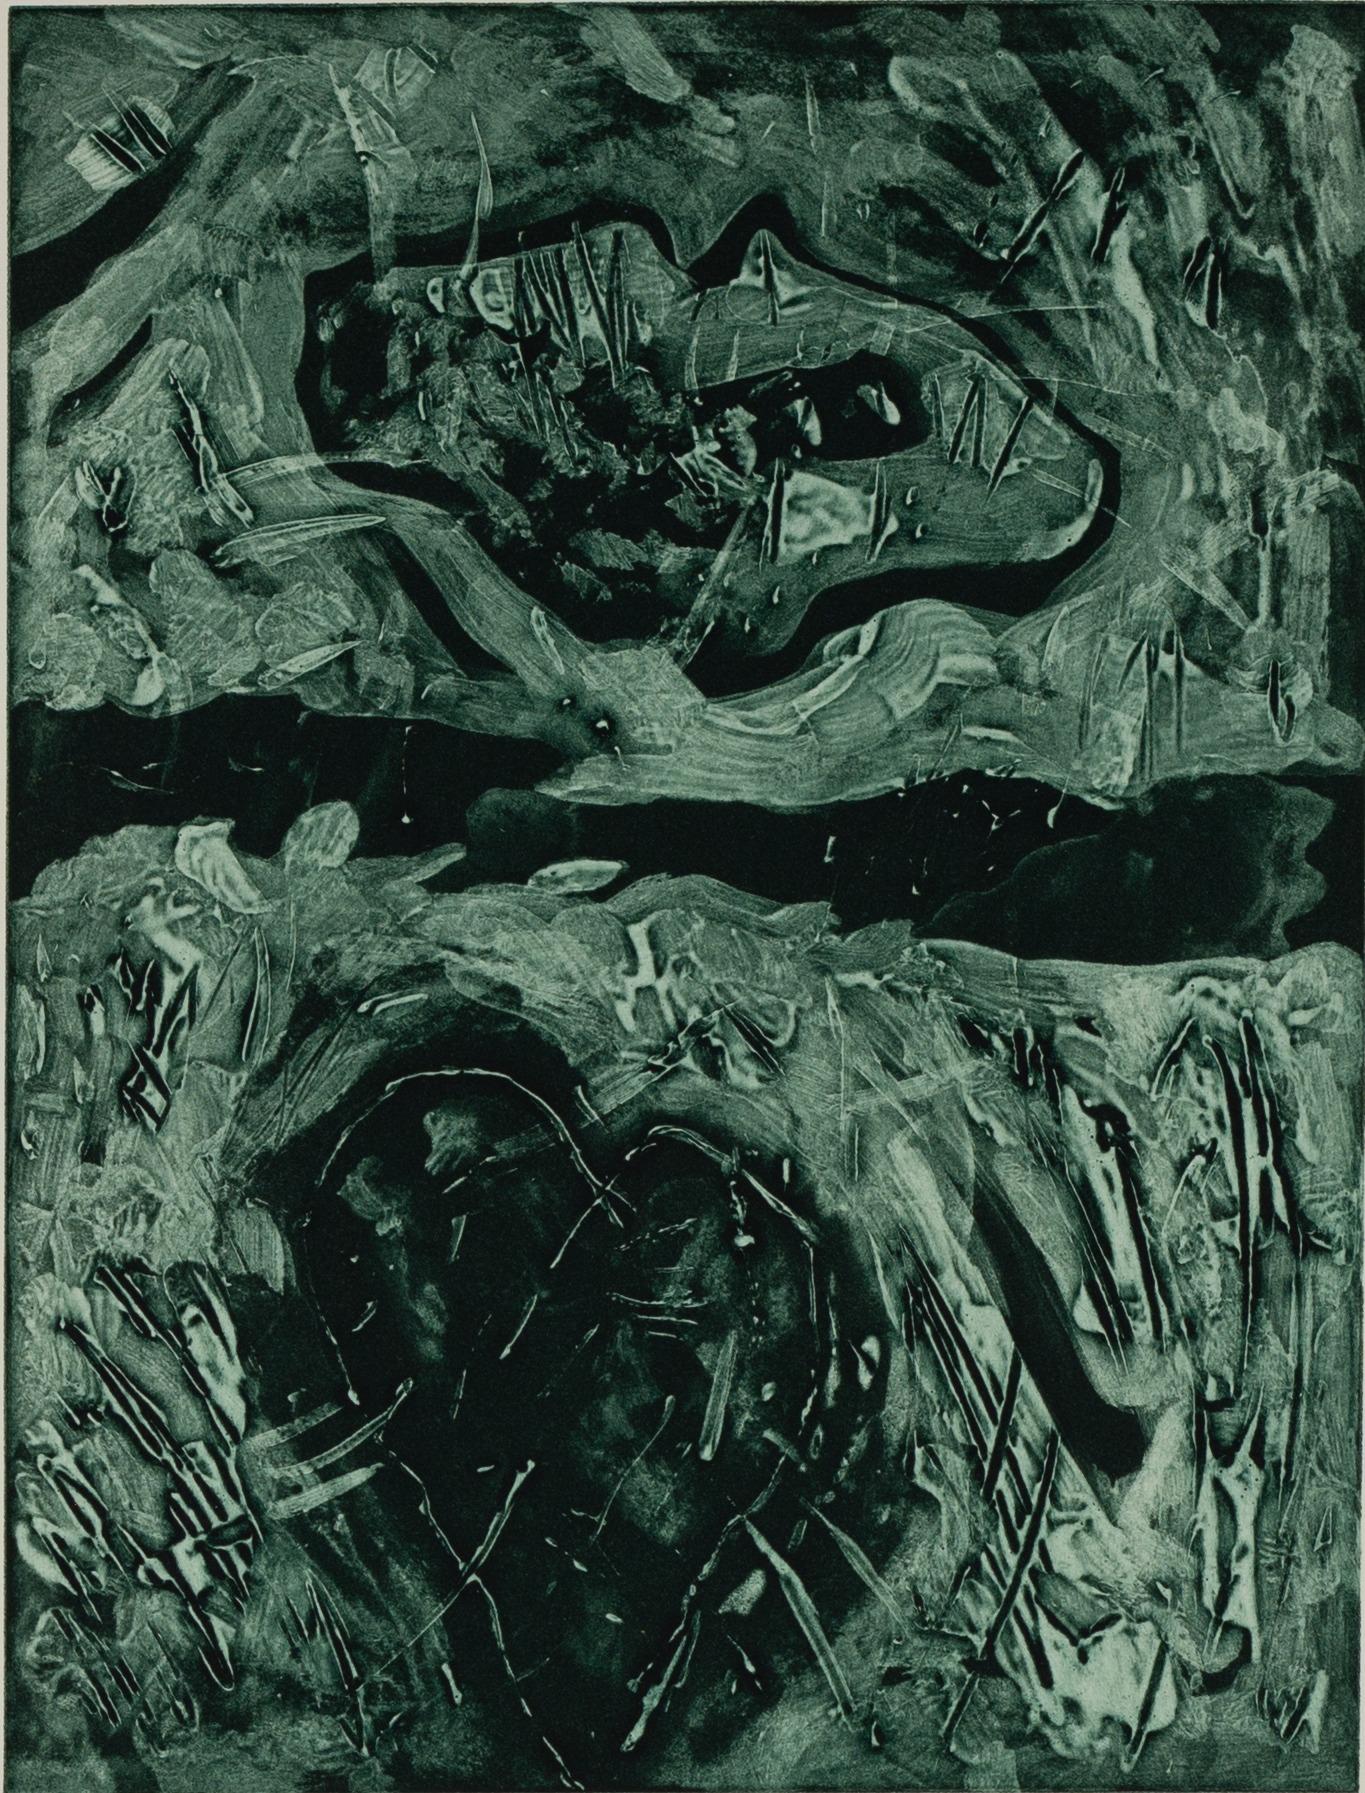 Broken Symbols, 1995